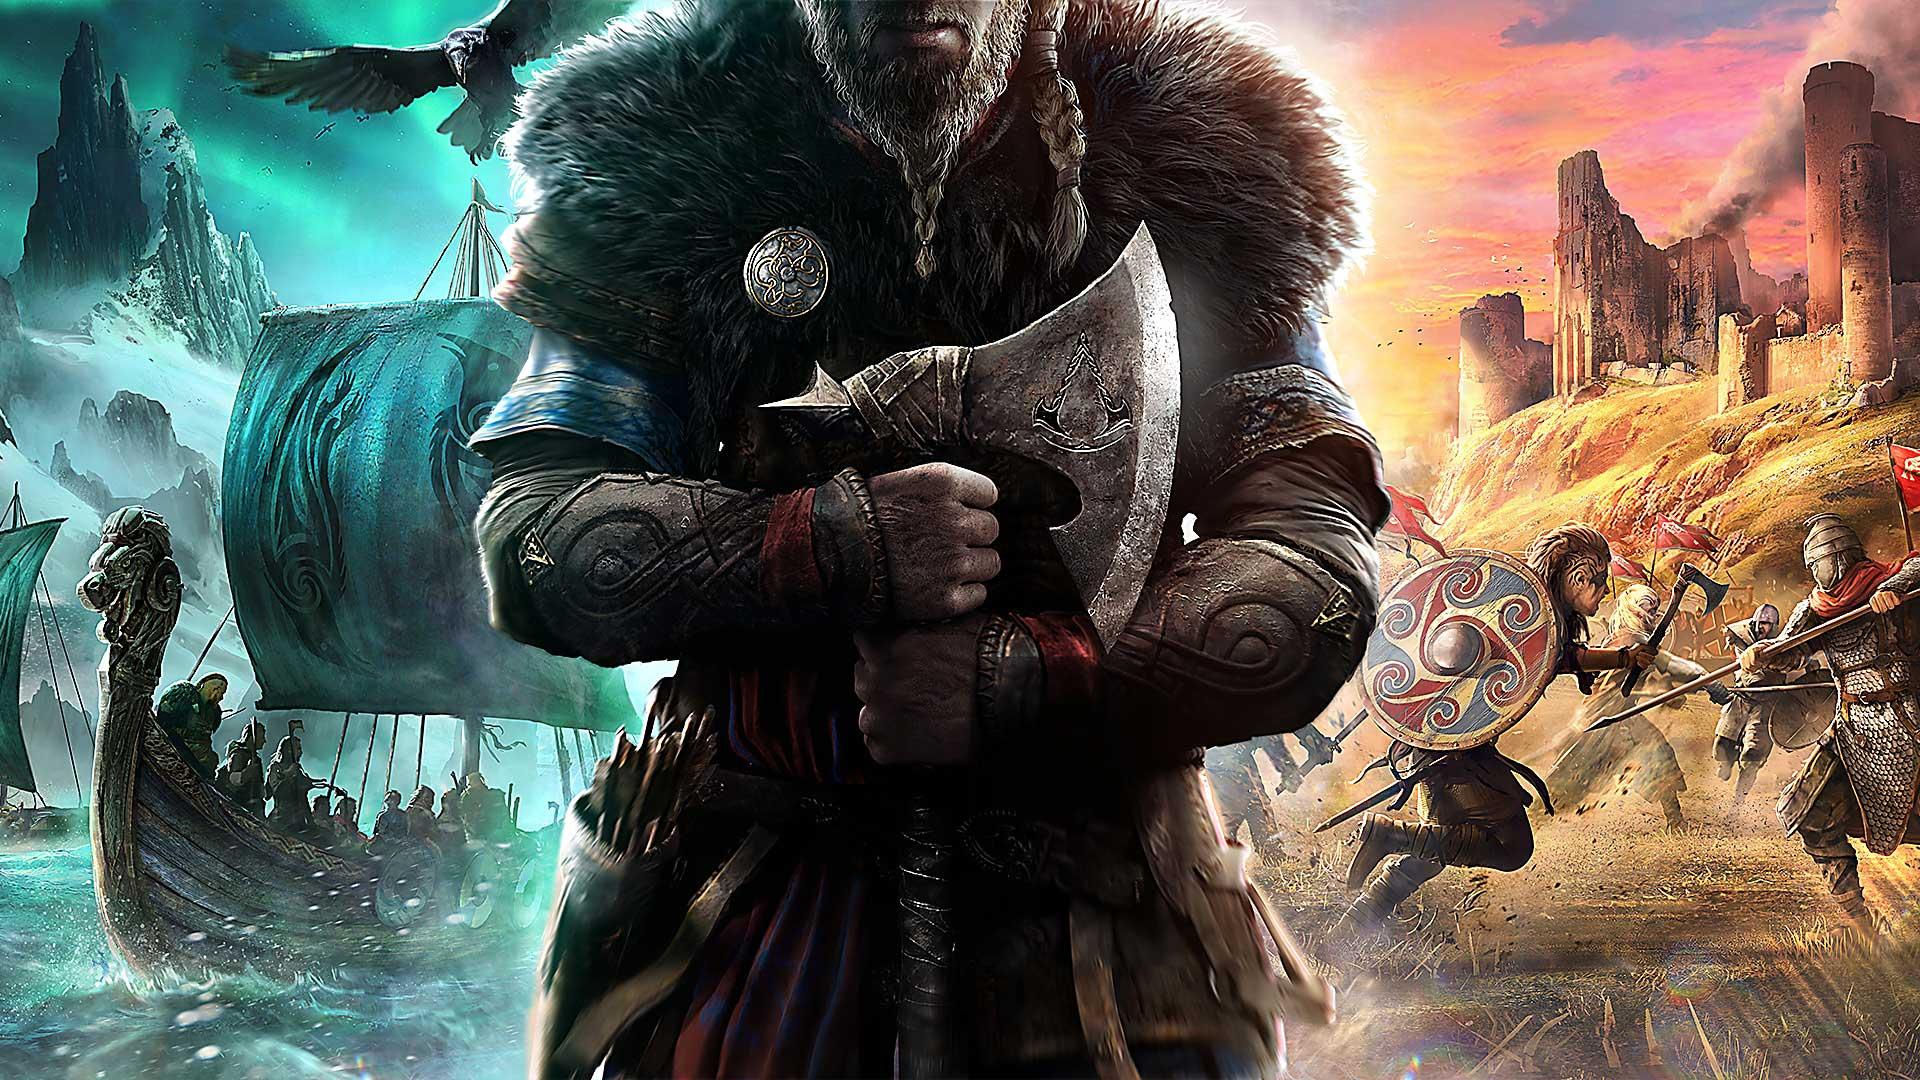 bl kingdoms illustration recorded final no blade 2 1 361672 babt